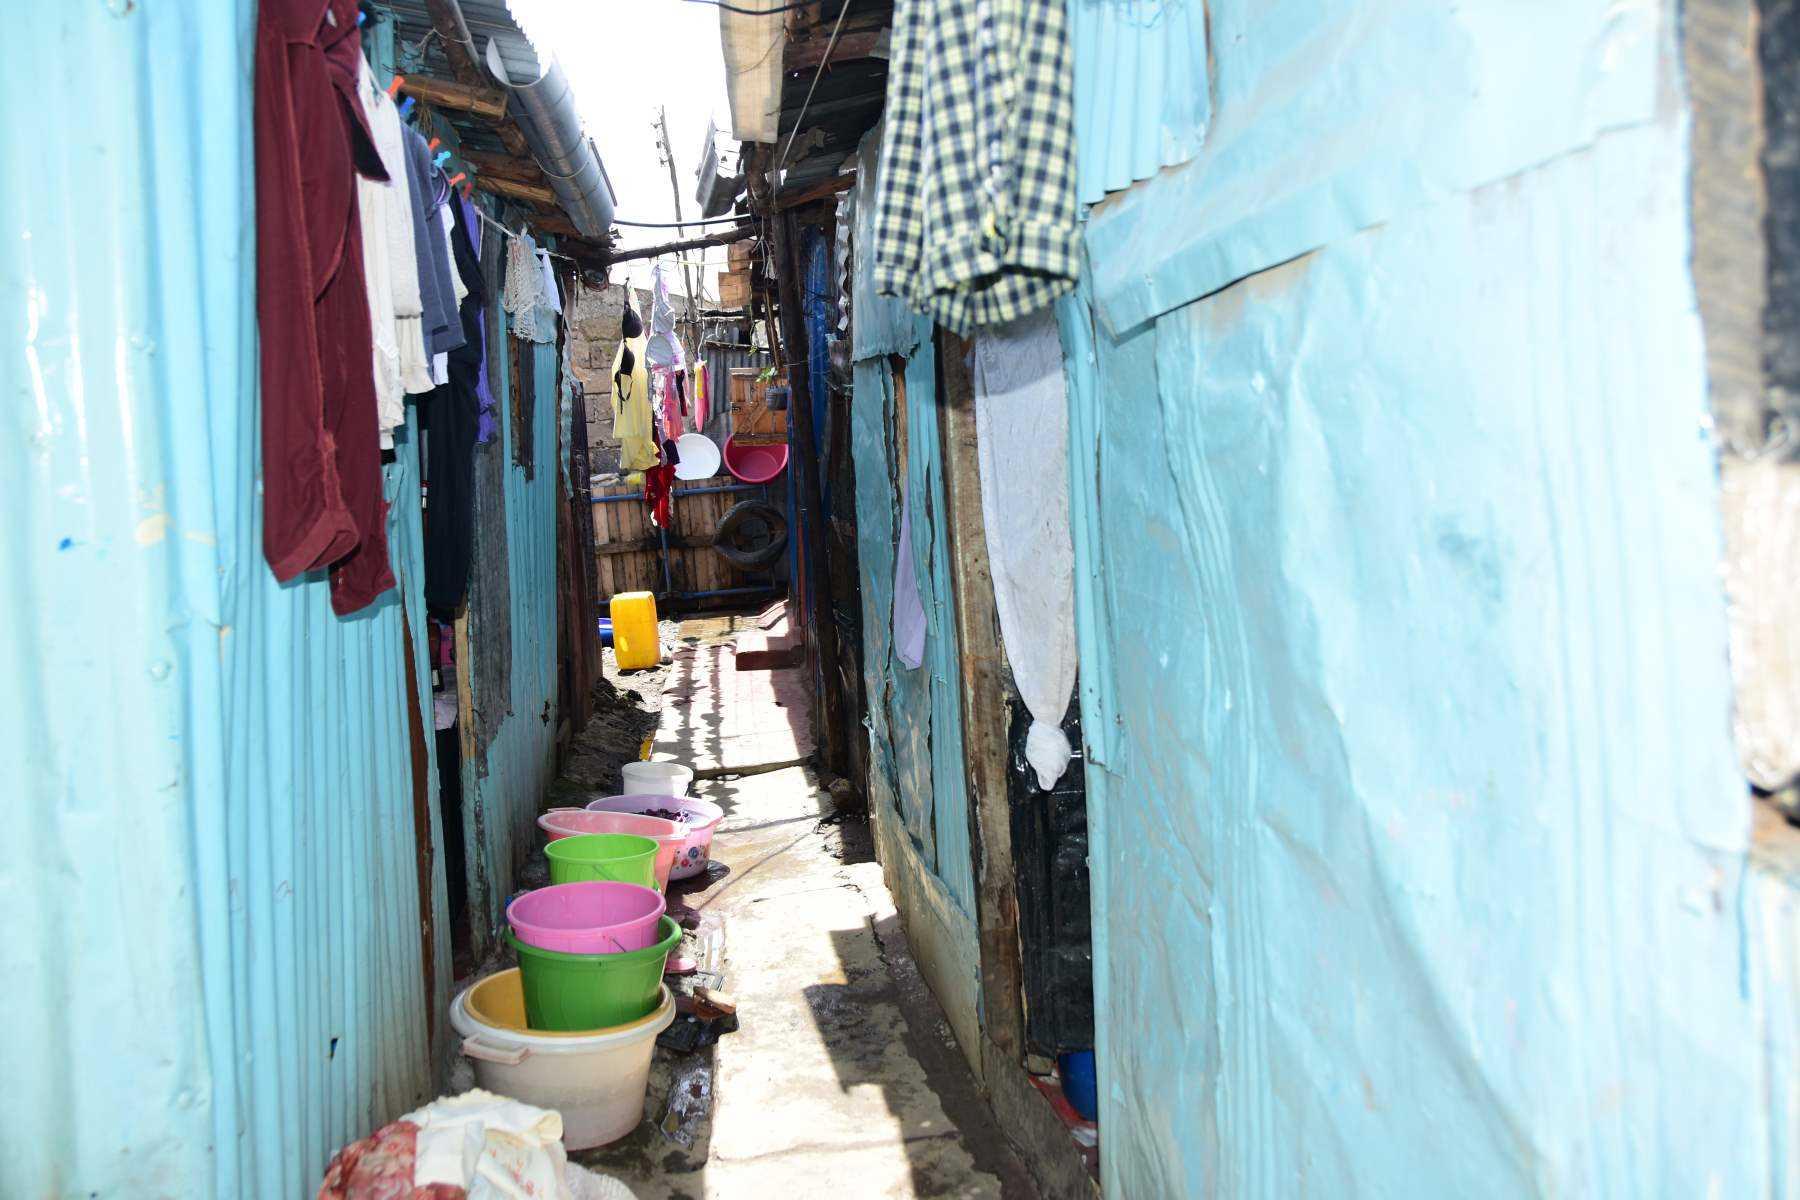 Eine enge Gasse mit zum Trocknen aufgehängter Wäsche und Wascheimern in einem Slum in Nairobi.